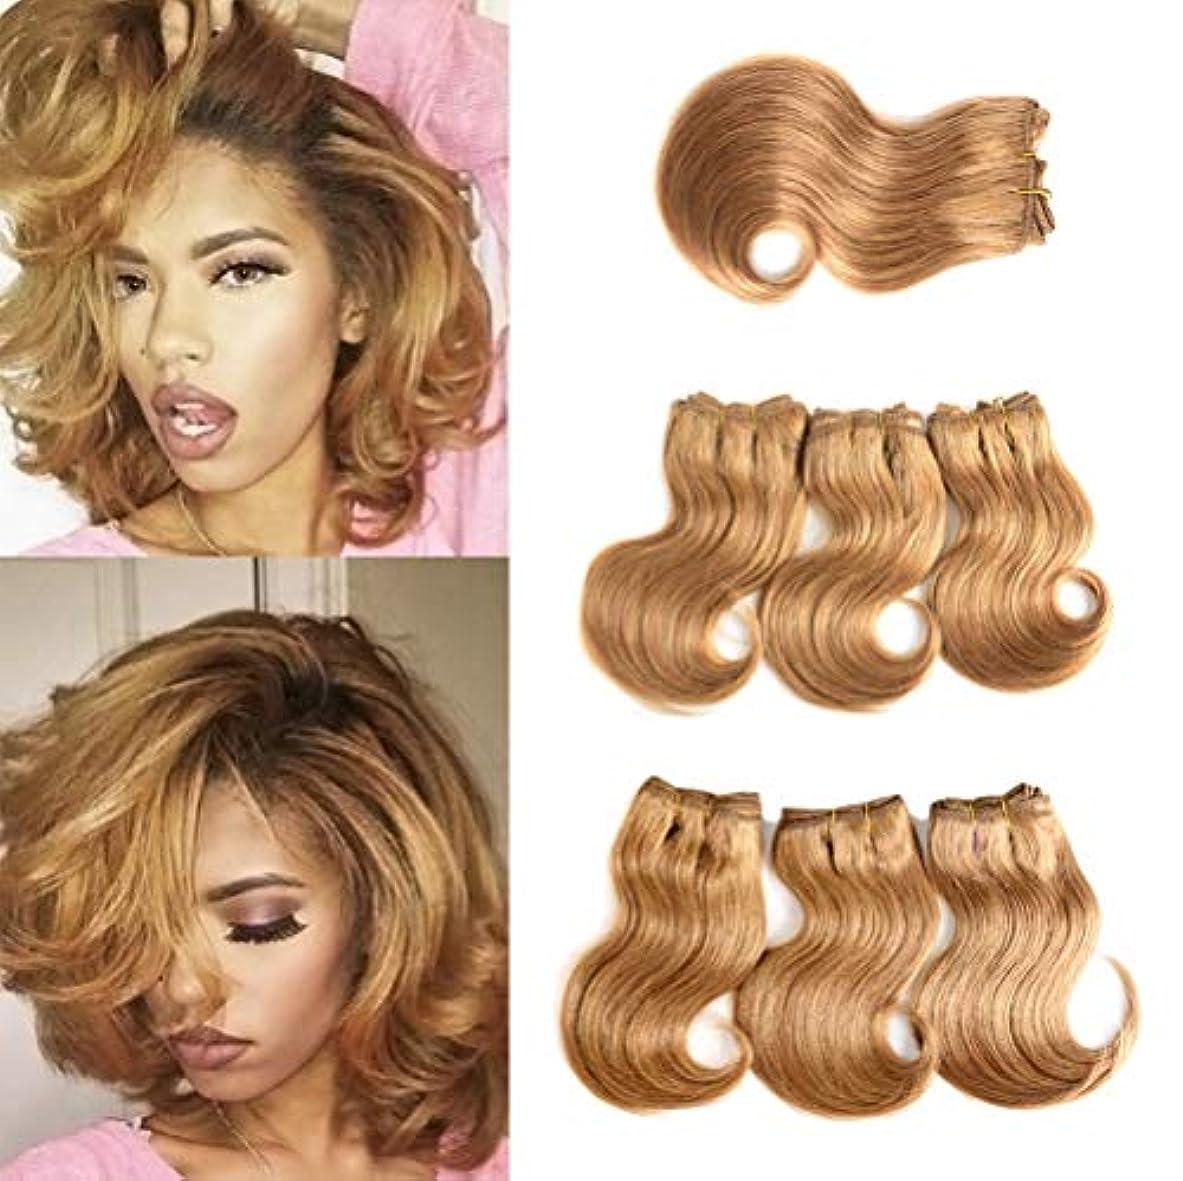 ラリー台無しにクアッガ閉鎖とペルーの髪の束を編む女性の髪の毛の束人間の髪の毛の拡張子で縫うRemi人間の髪の毛8インチゴールド